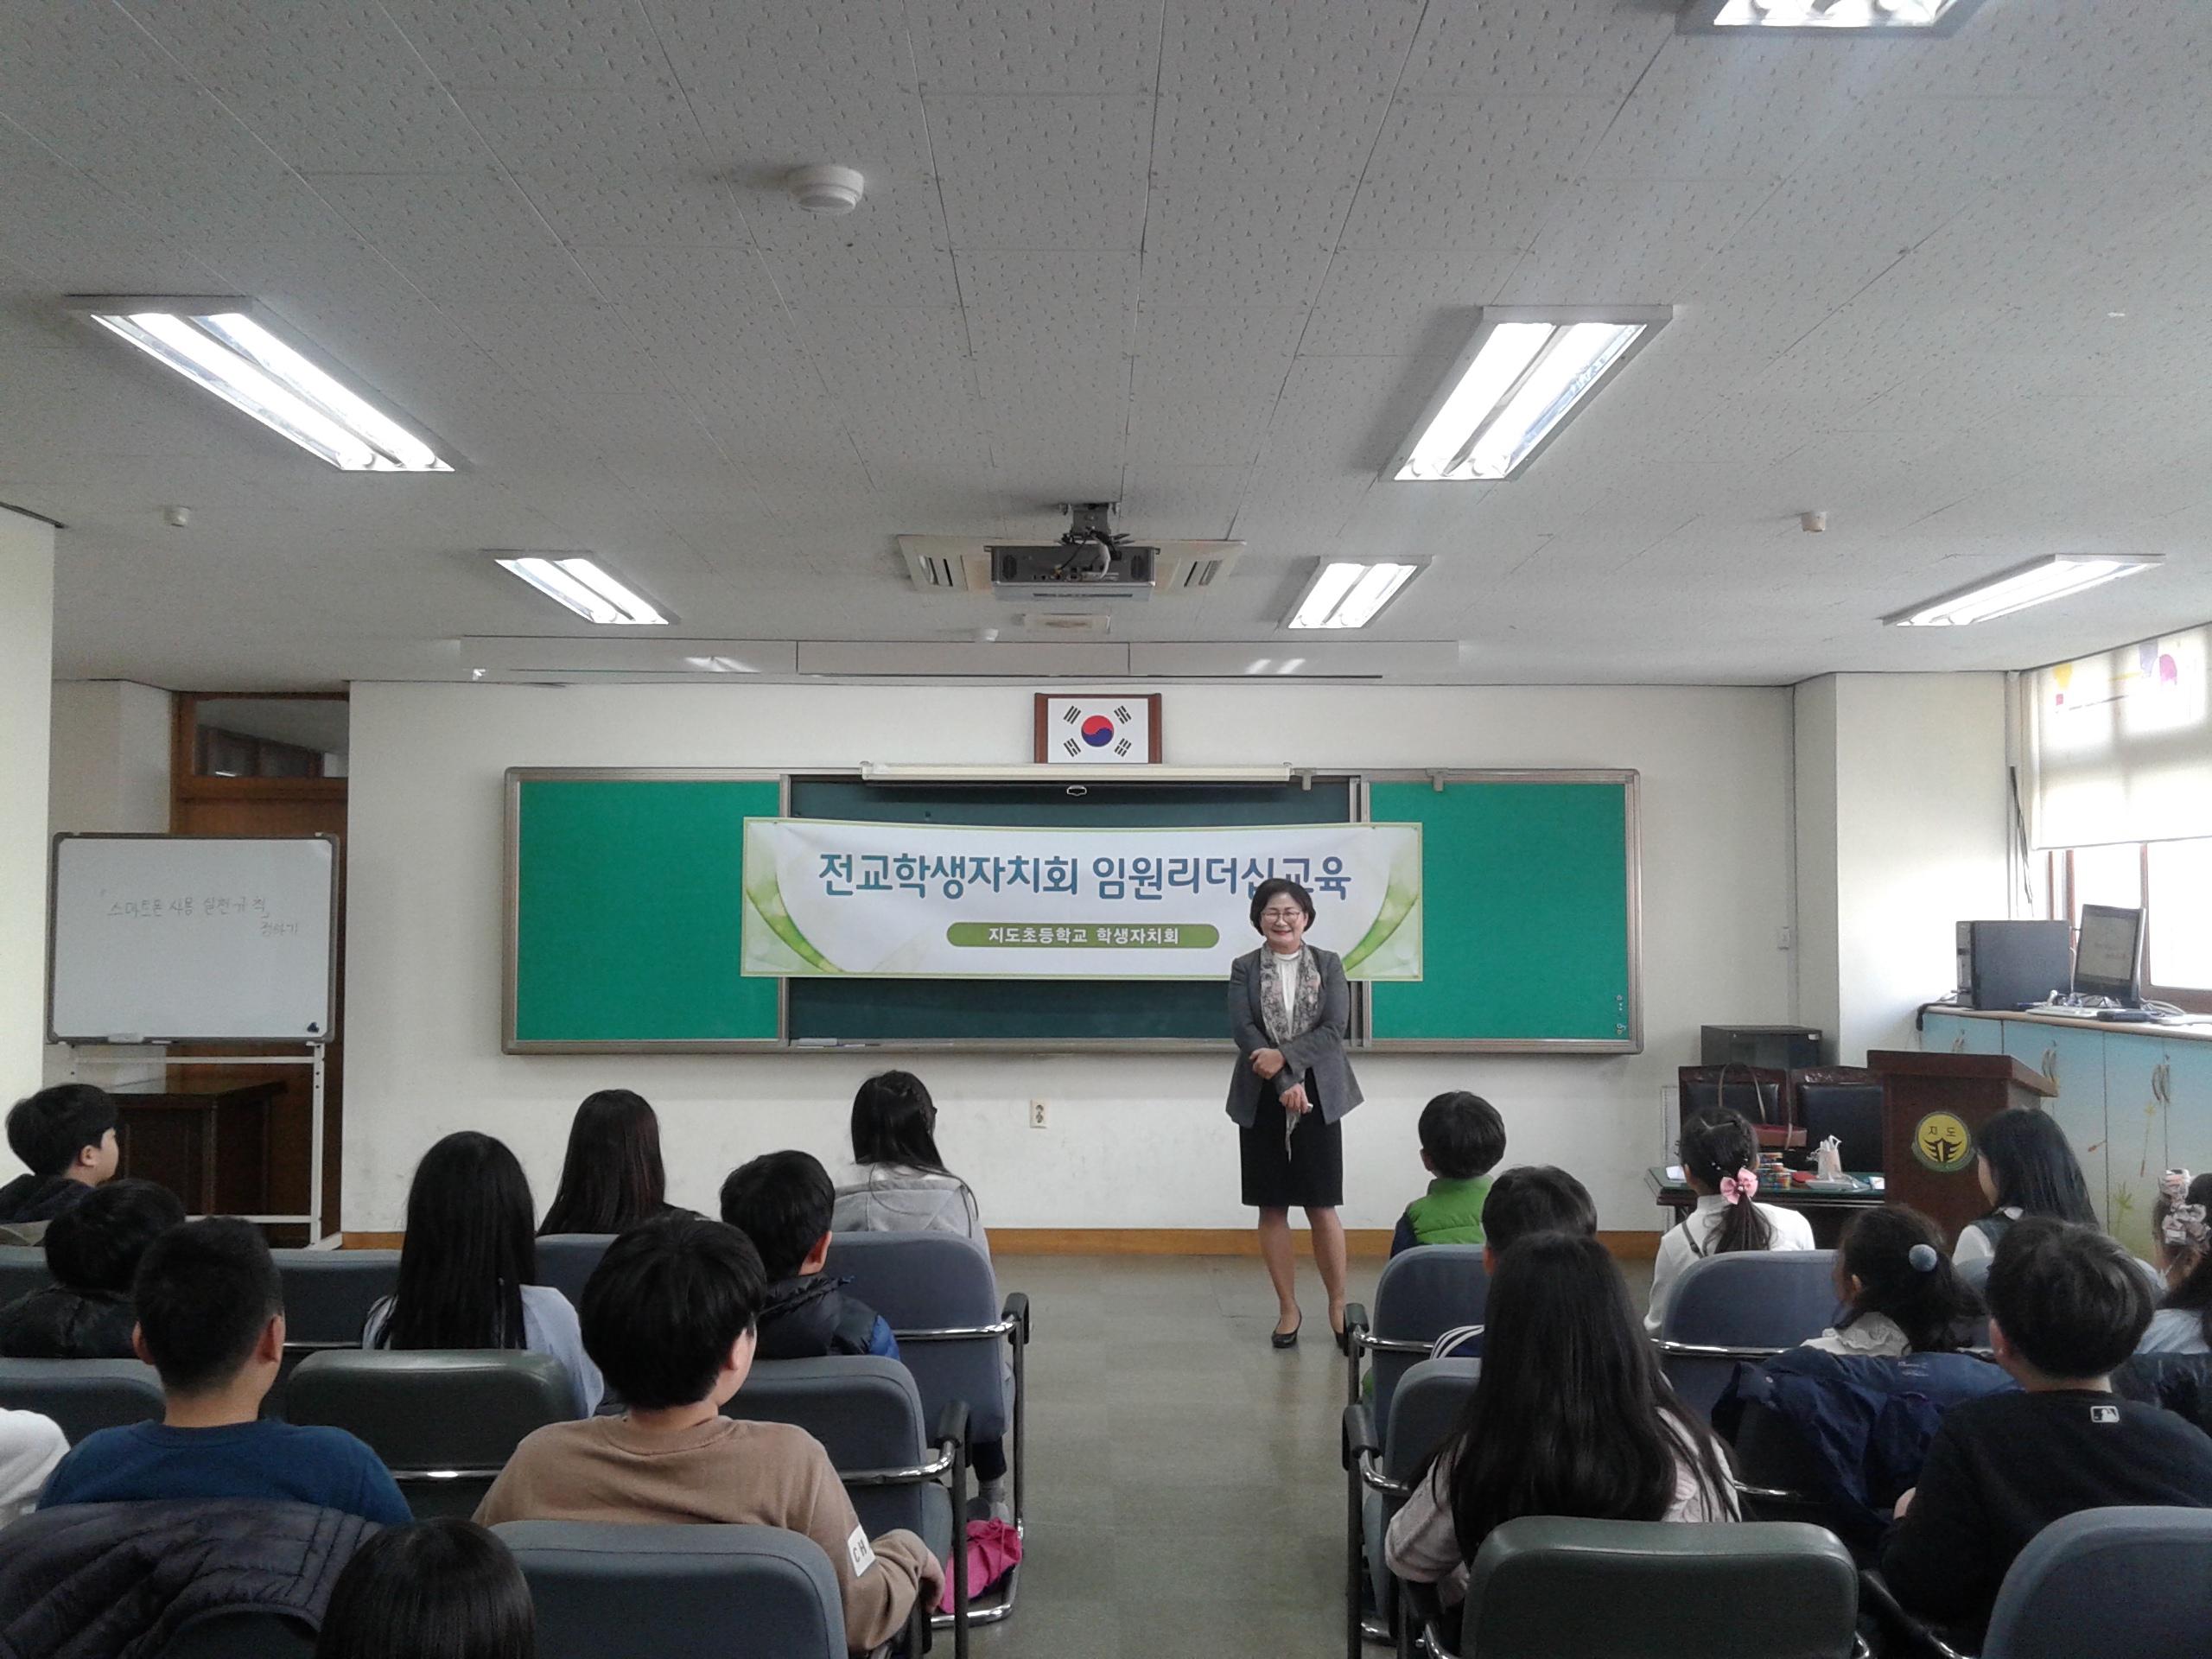 [일반] 전교학생자치회1학기임원리더십교육의 첨부이미지 2